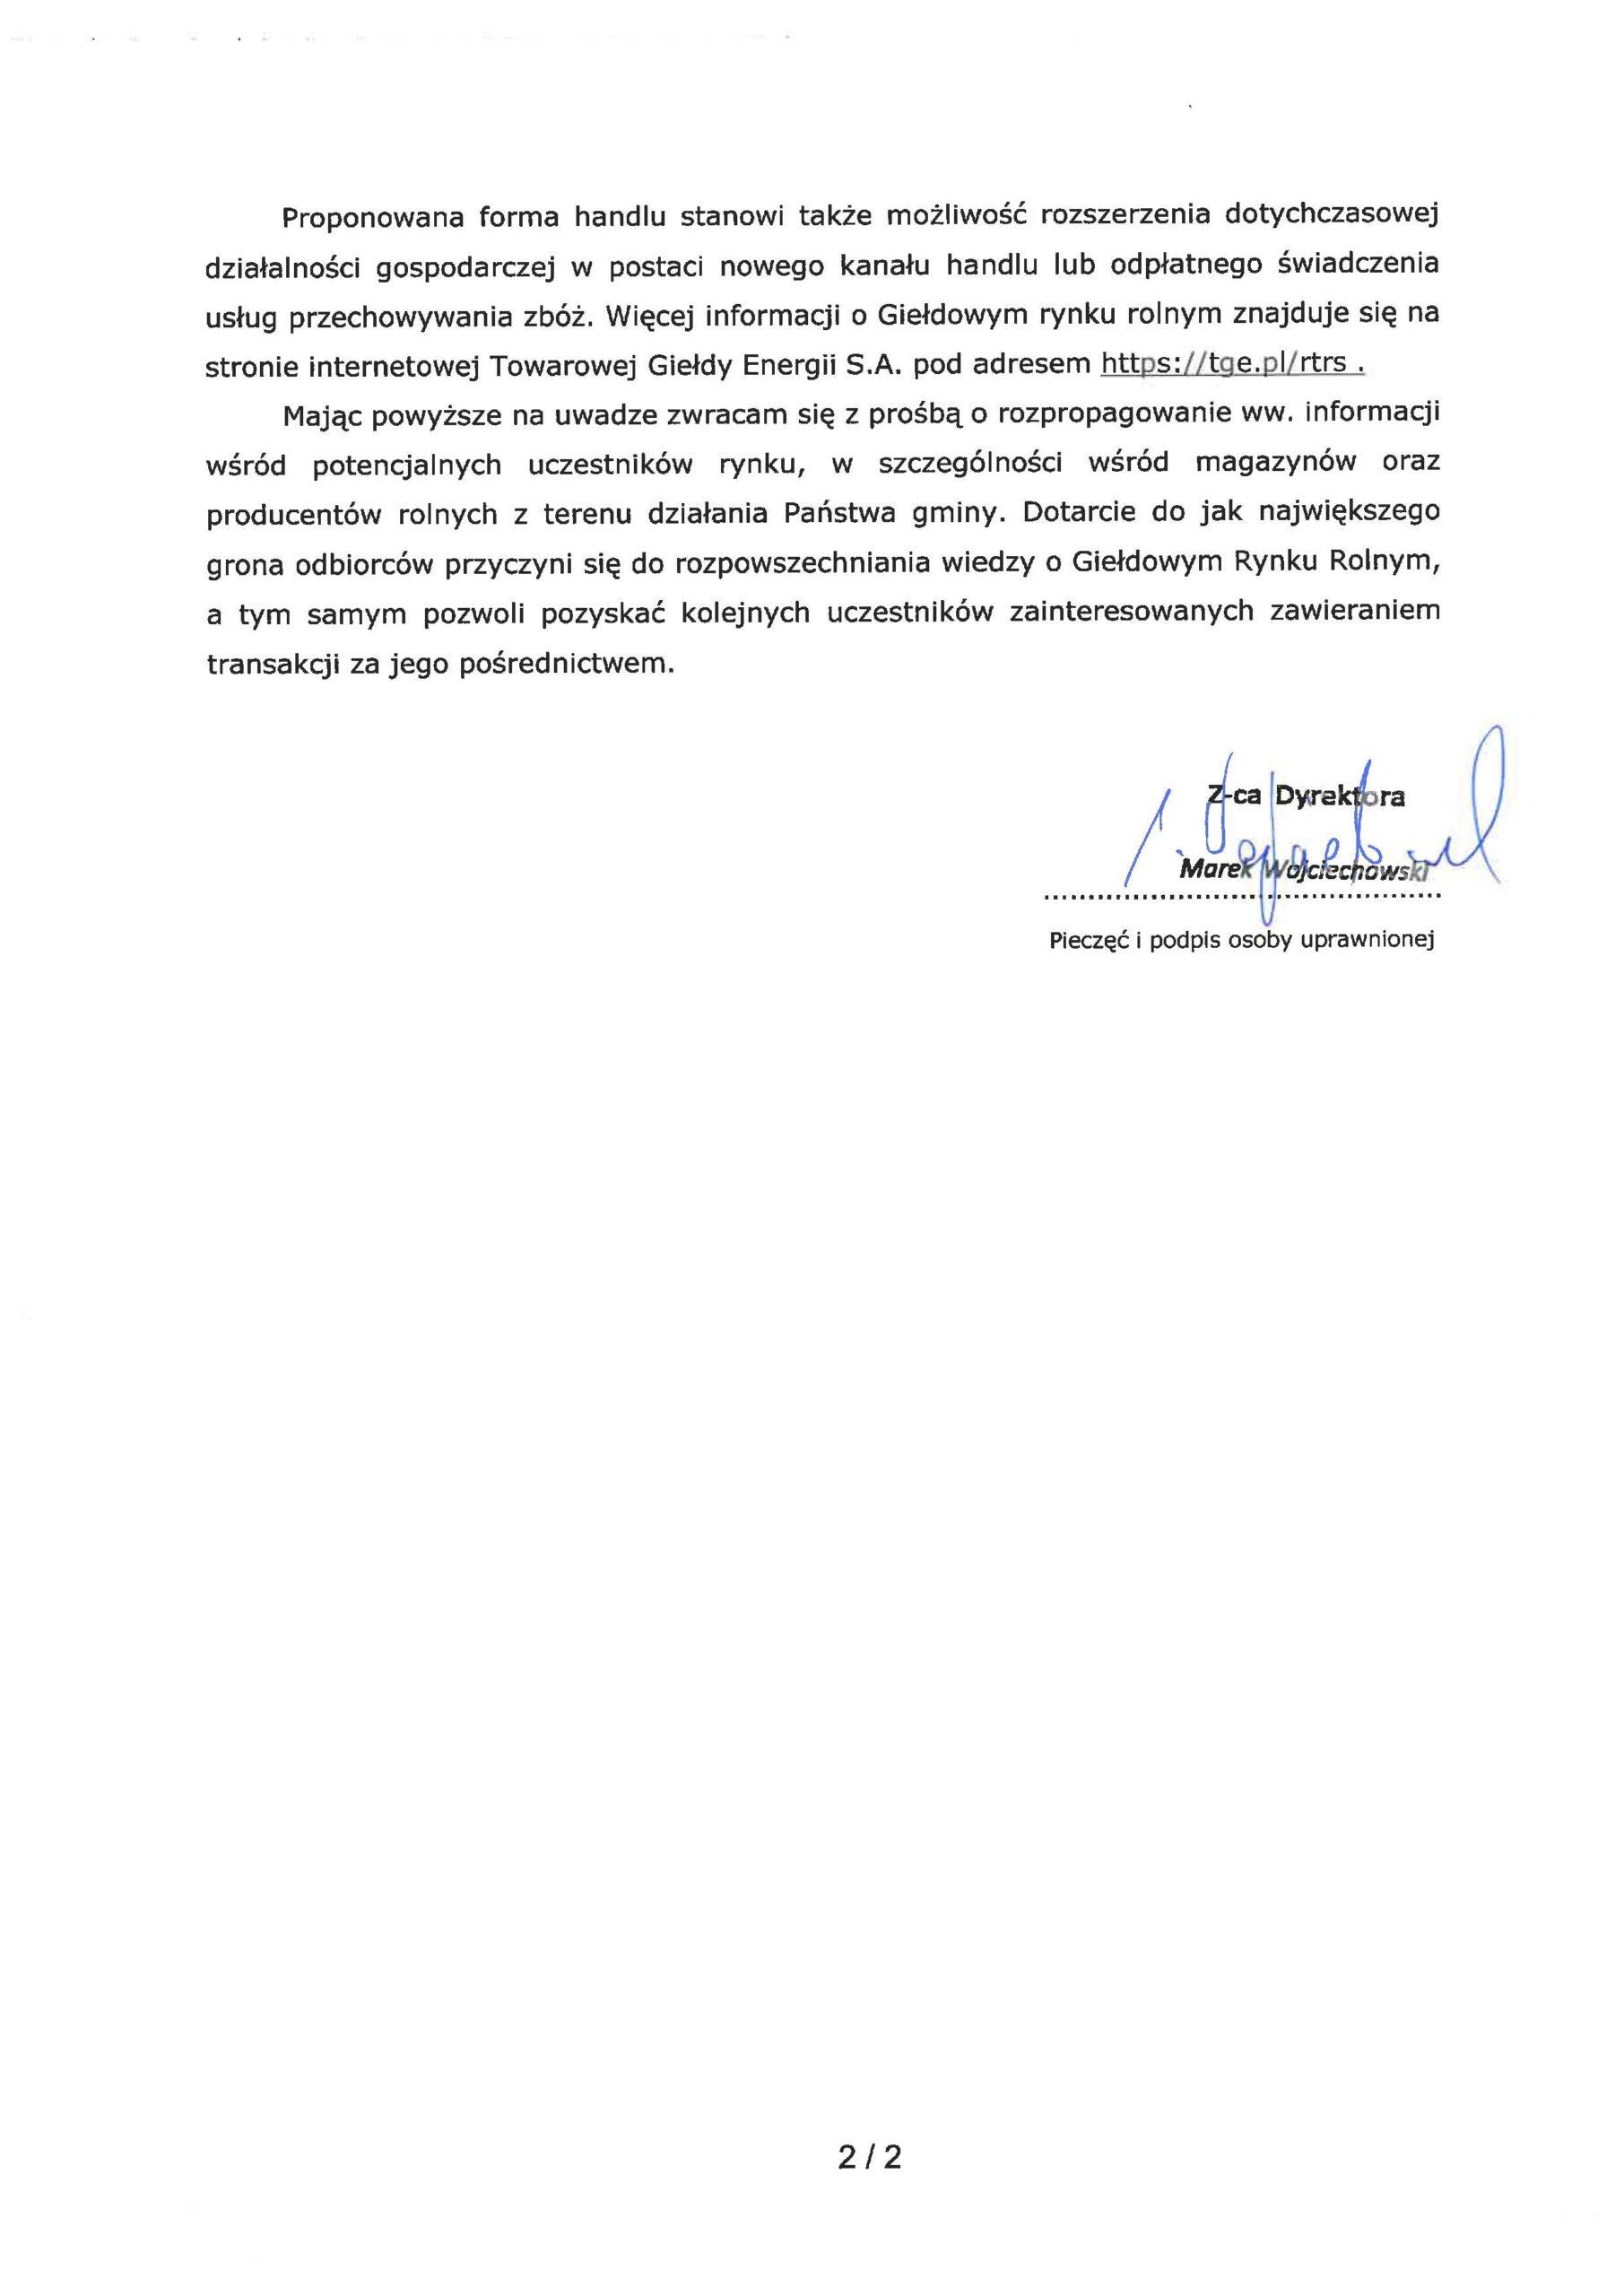 podpis i pieczątka, oraz proponowana forma handlu stanowi takze mażliwość rozszerzenia dotychczasowej działalności gospodarczej